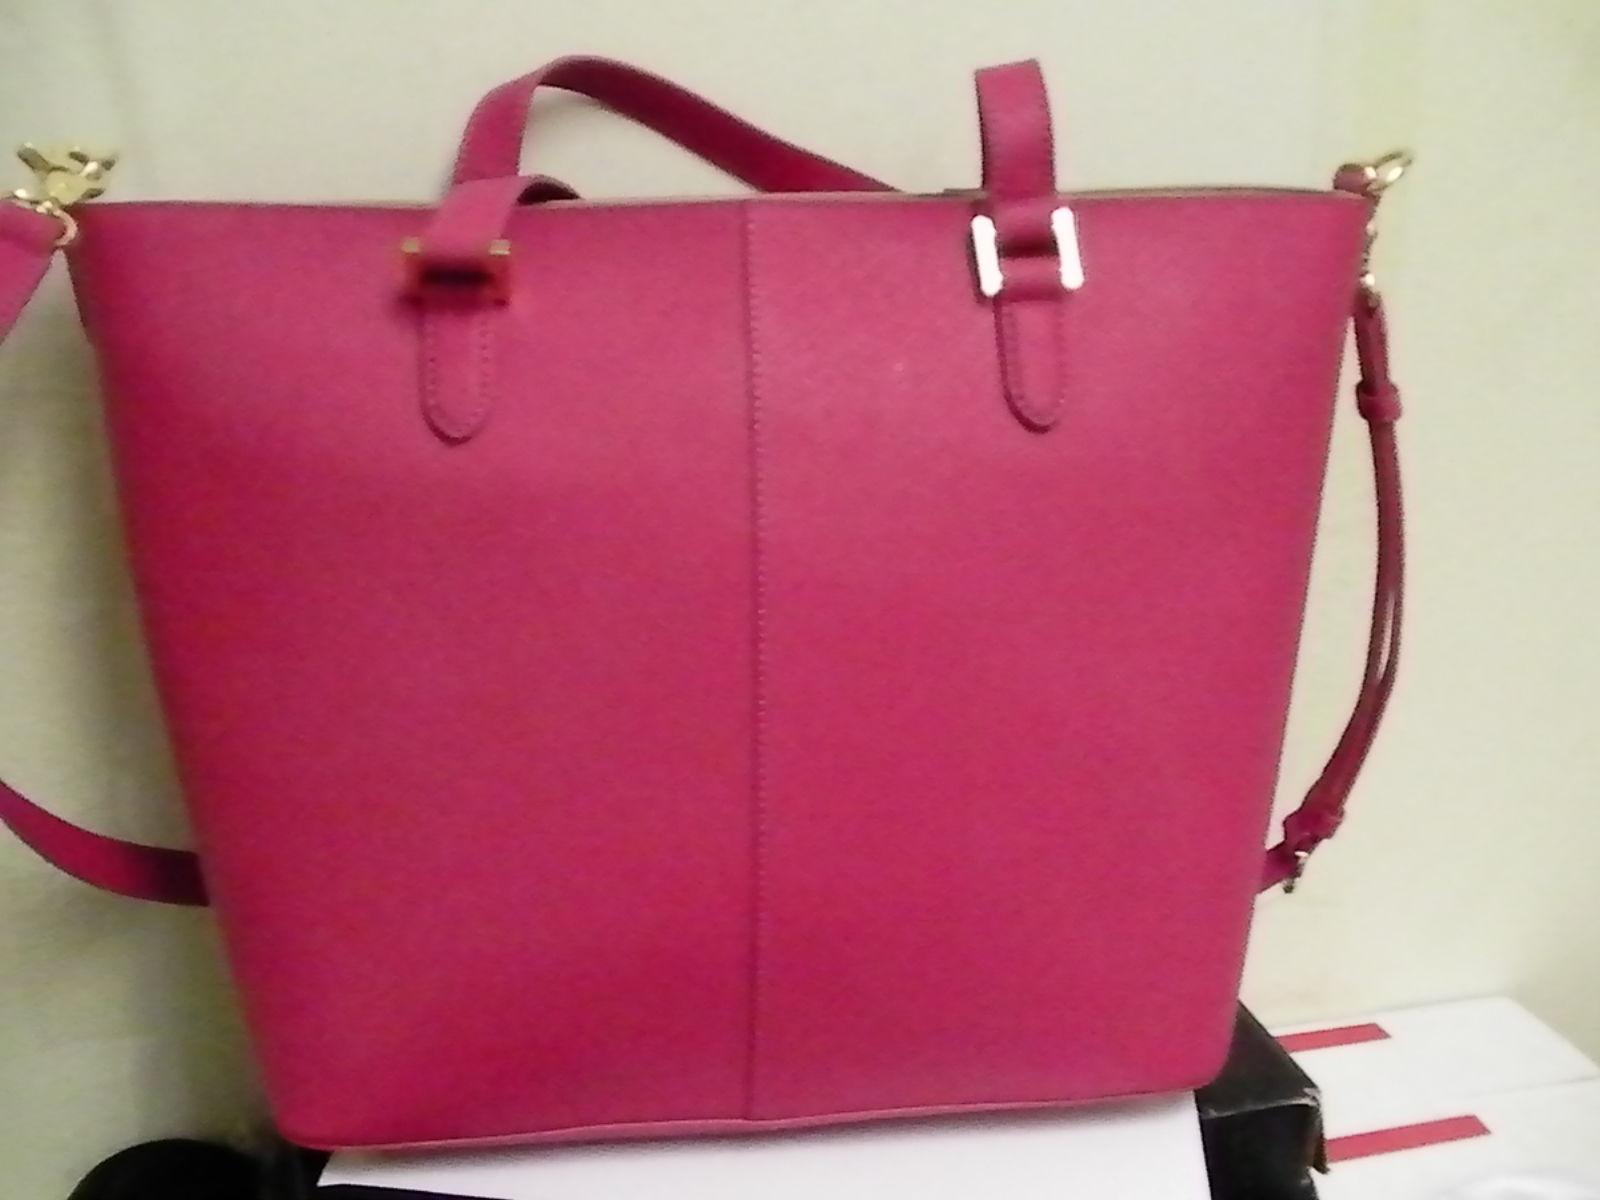 DKNY Donna Karan Saffiano Leather Tote Shoulder Bag Magenta